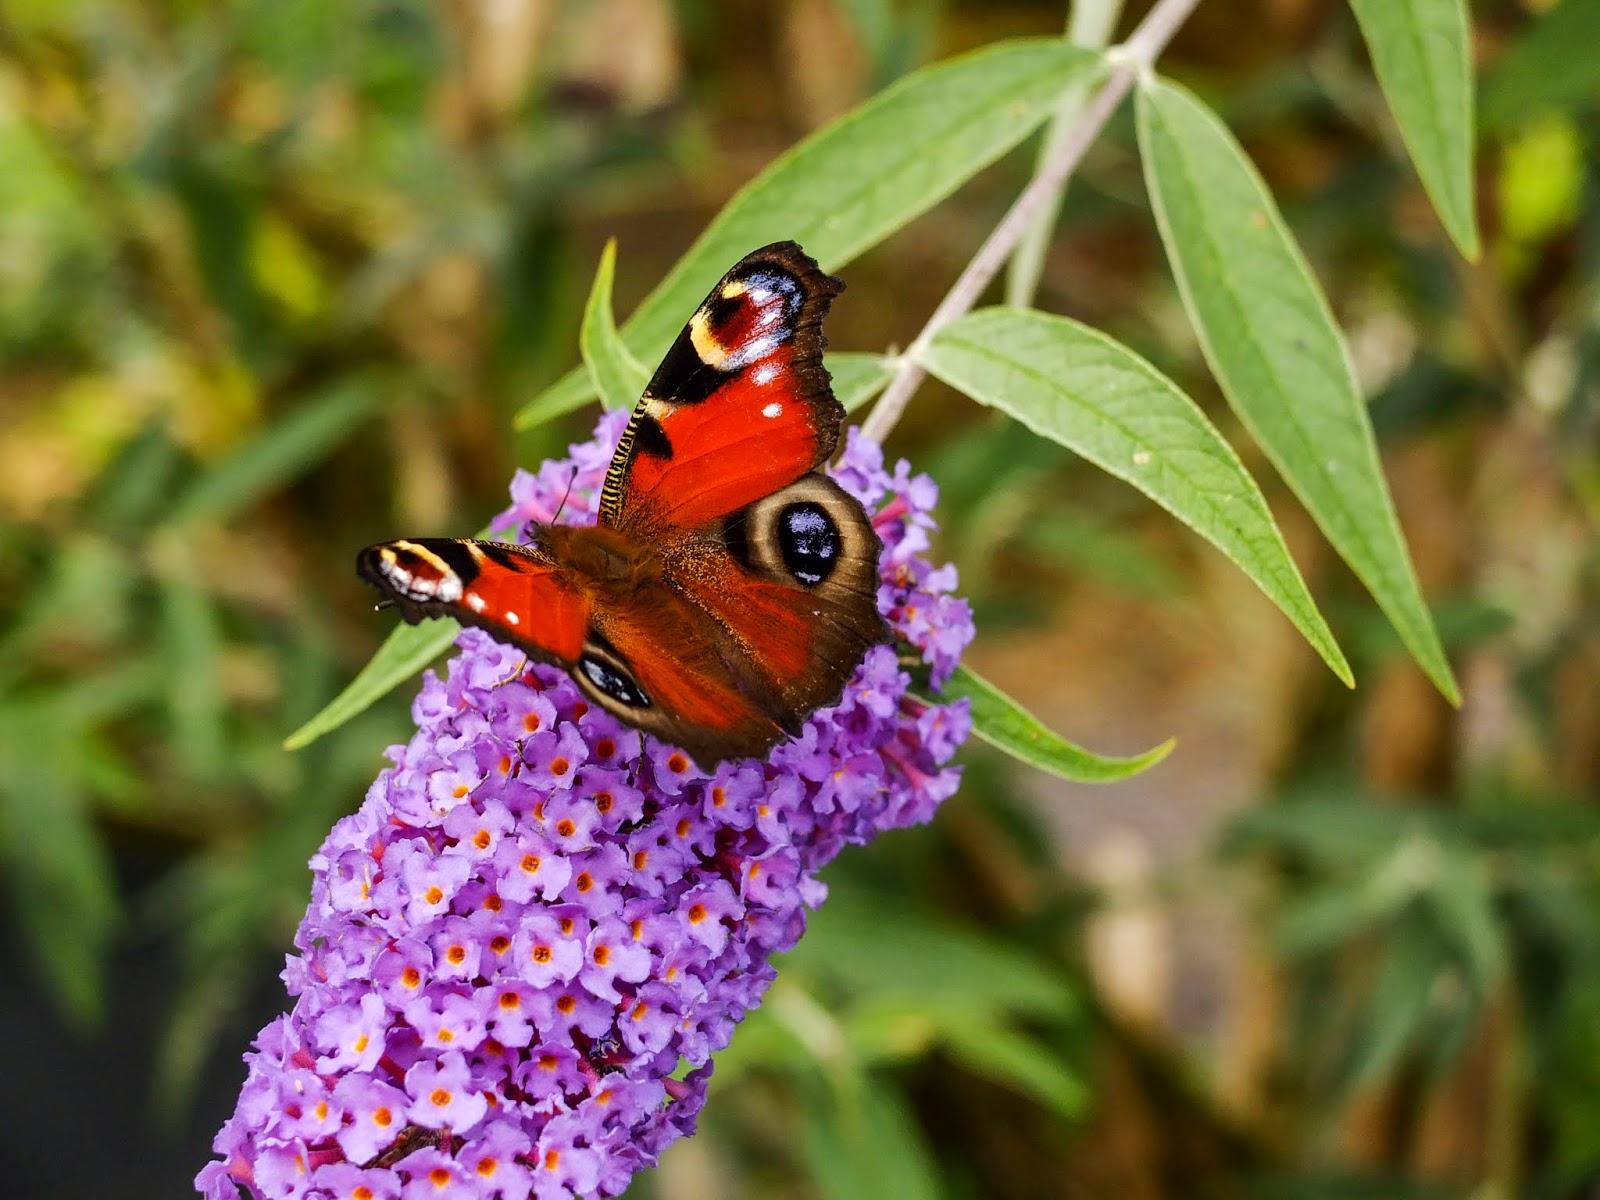 A butterfly sitting on a purple flower.